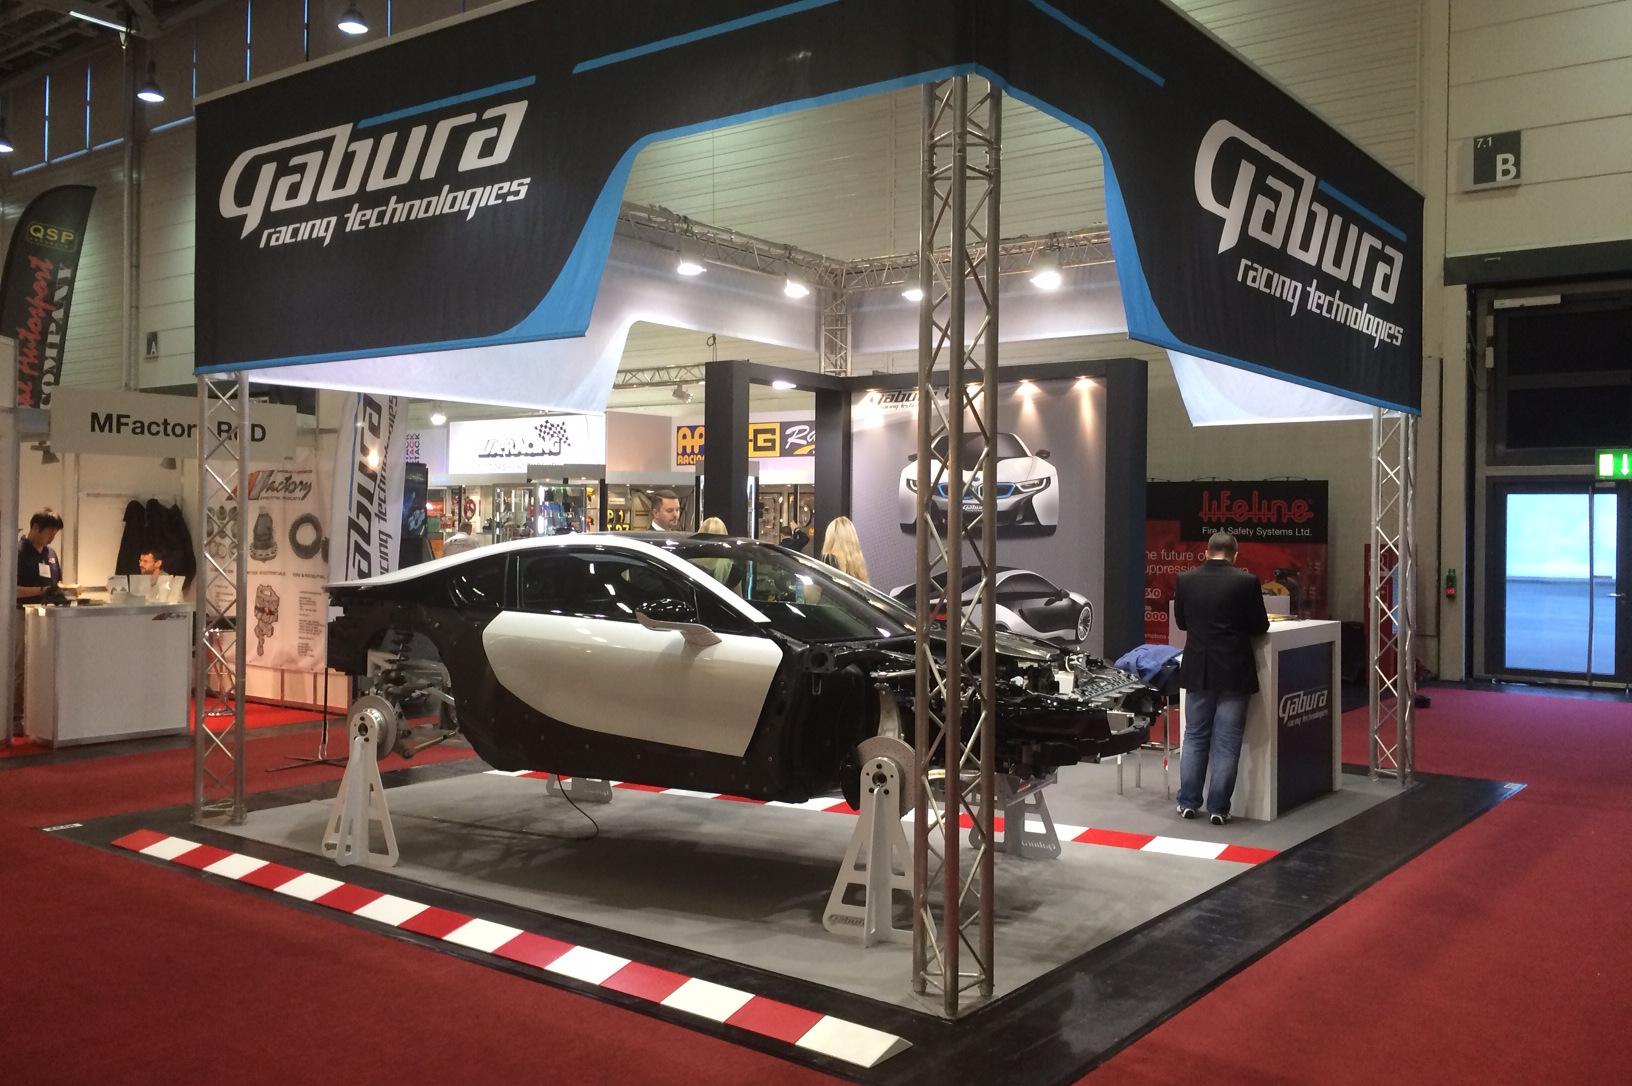 Gabura GRT V8i based on the BMW i8 priced at around 750,000 euros